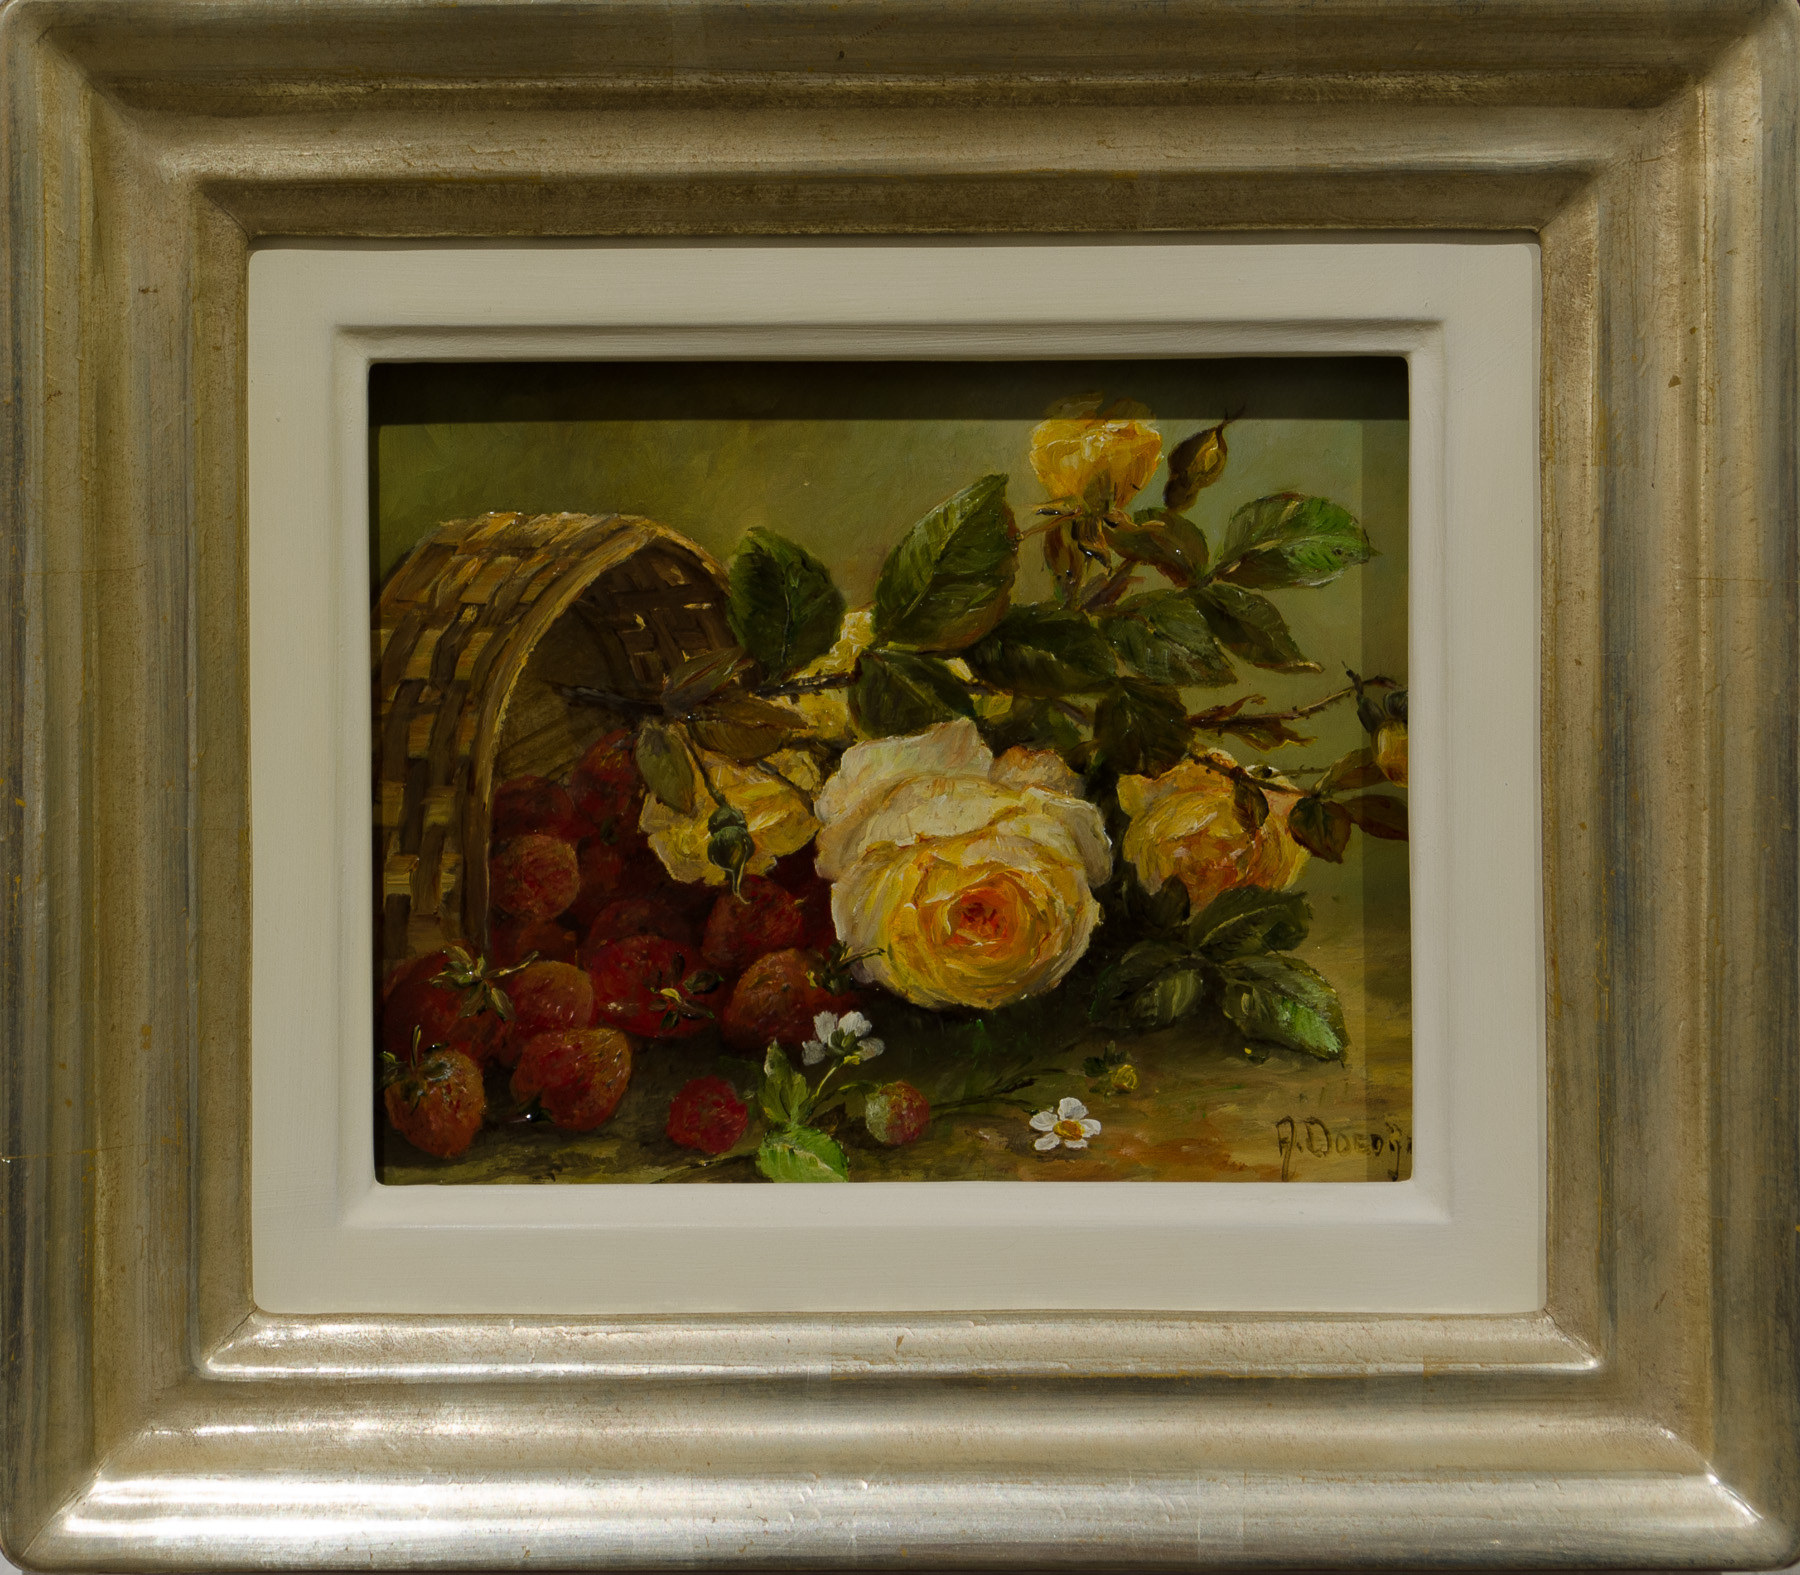 Rosen und Erdbeeren, 18x13